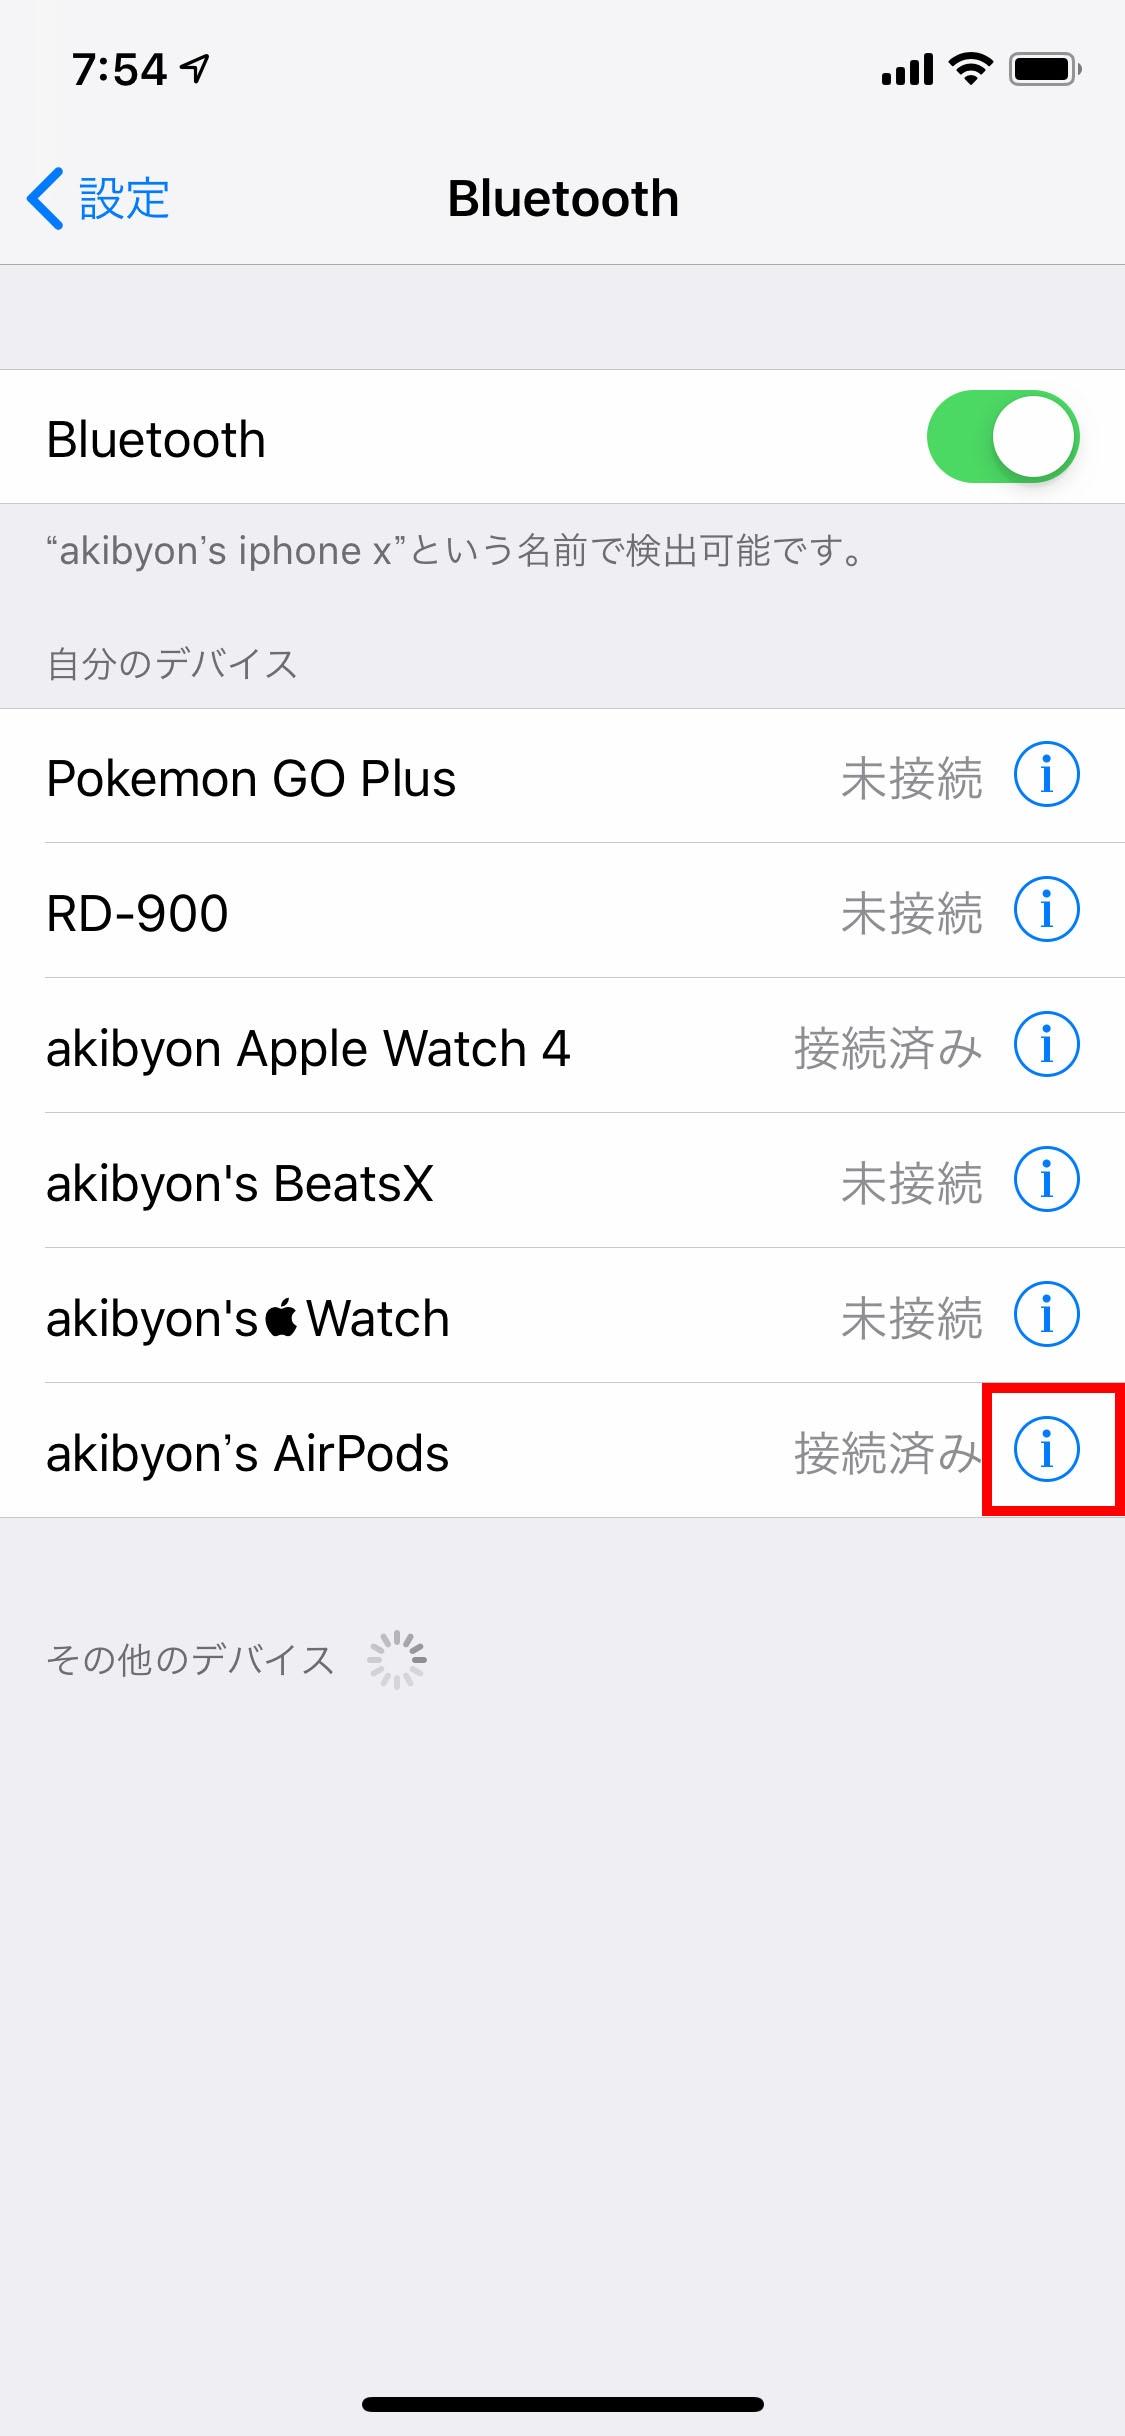 「設定」→「Bluetooth」とタップするとこの画面になる。AirPodsの右側に表示されている「i」をタップするとAirPodsの設定画面が表示される。AirPodsが接続されている状態で行う(赤枠は筆者が付けた)